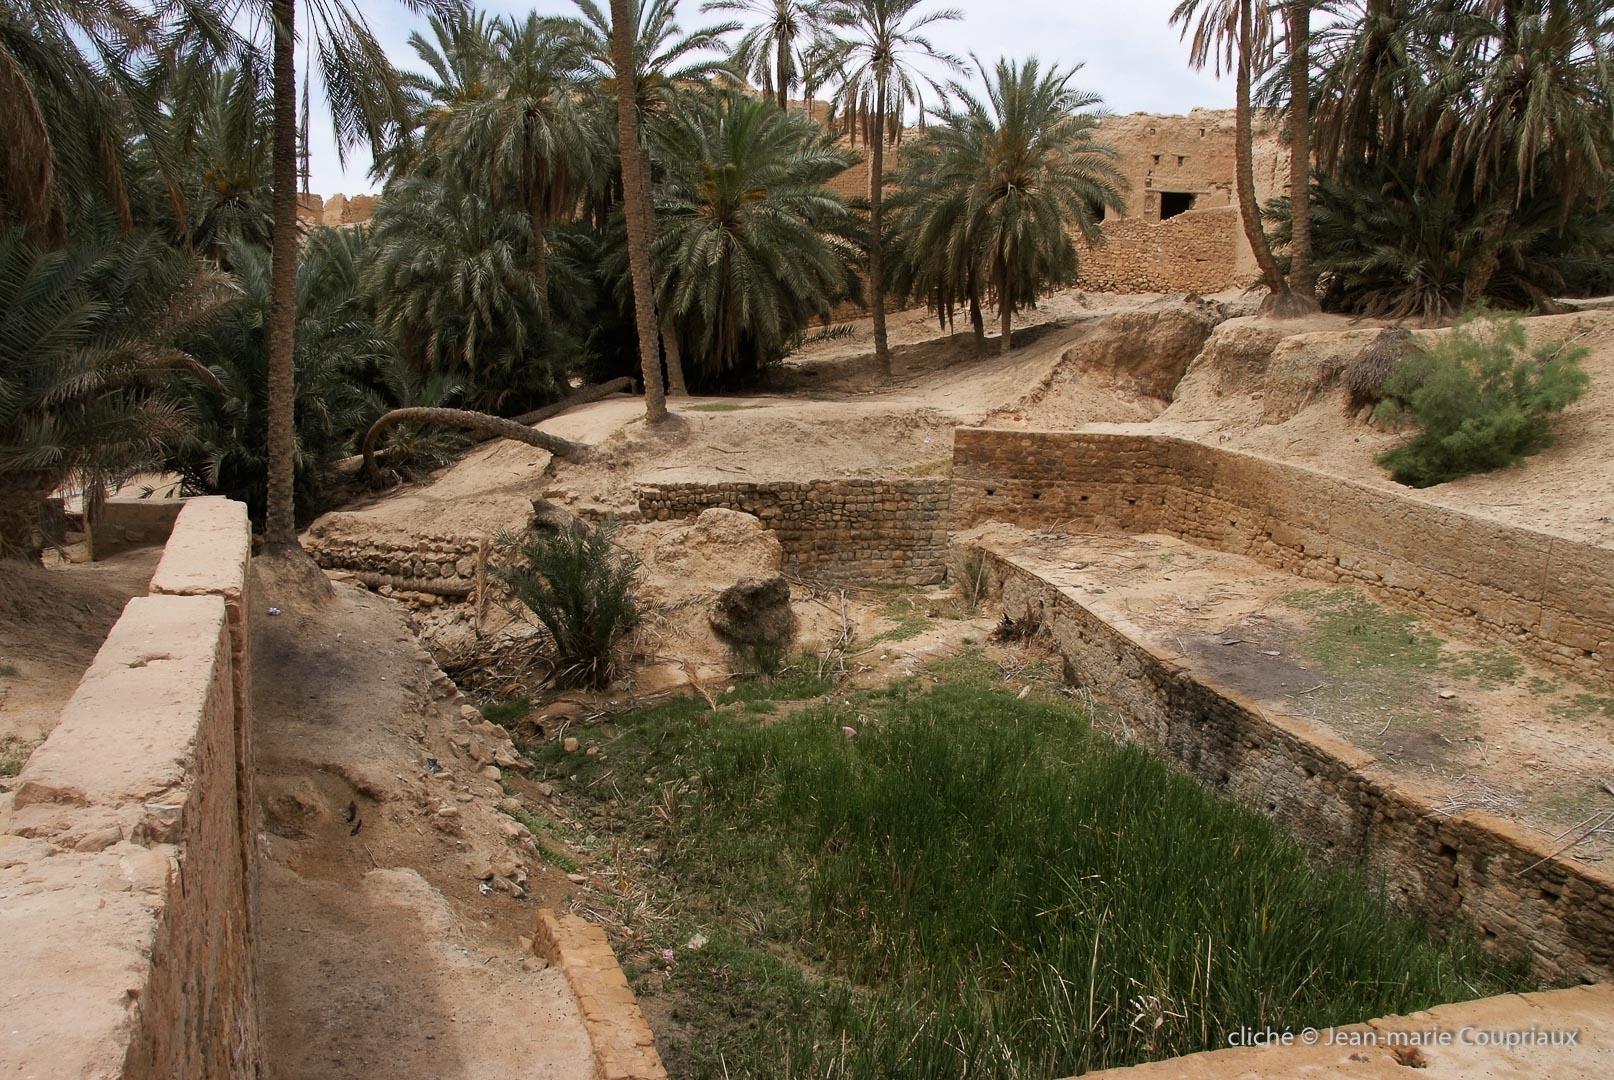 802-2011_Algerie-751